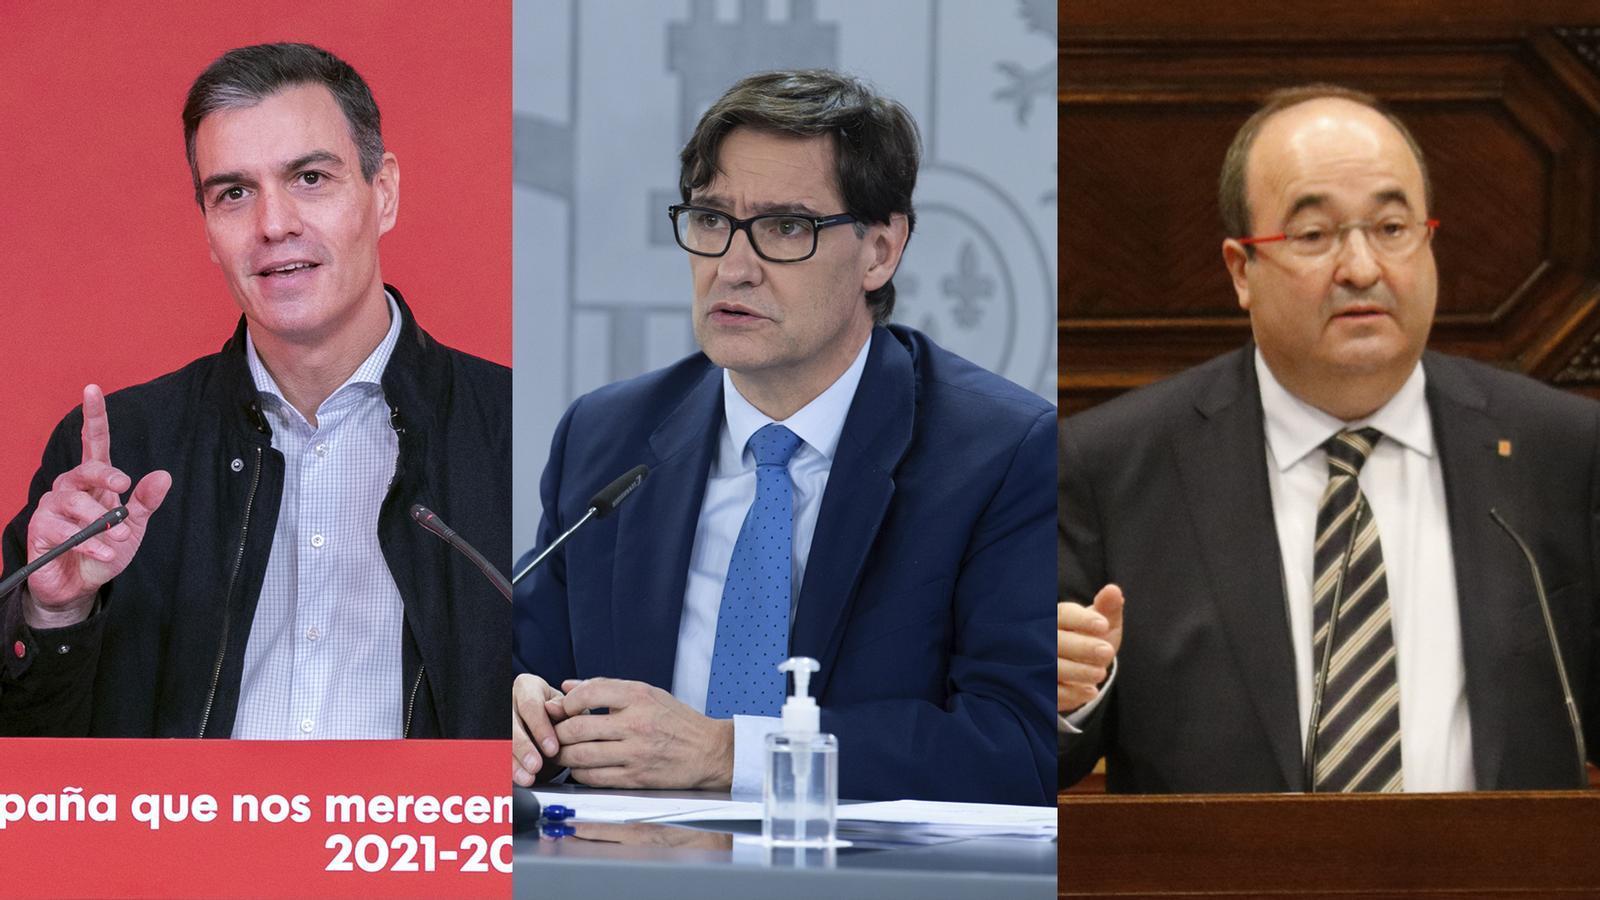 L'anàlisi d'Antoni Bassas: 'Illa i el PSC «desacomplexadament espanyolista»'